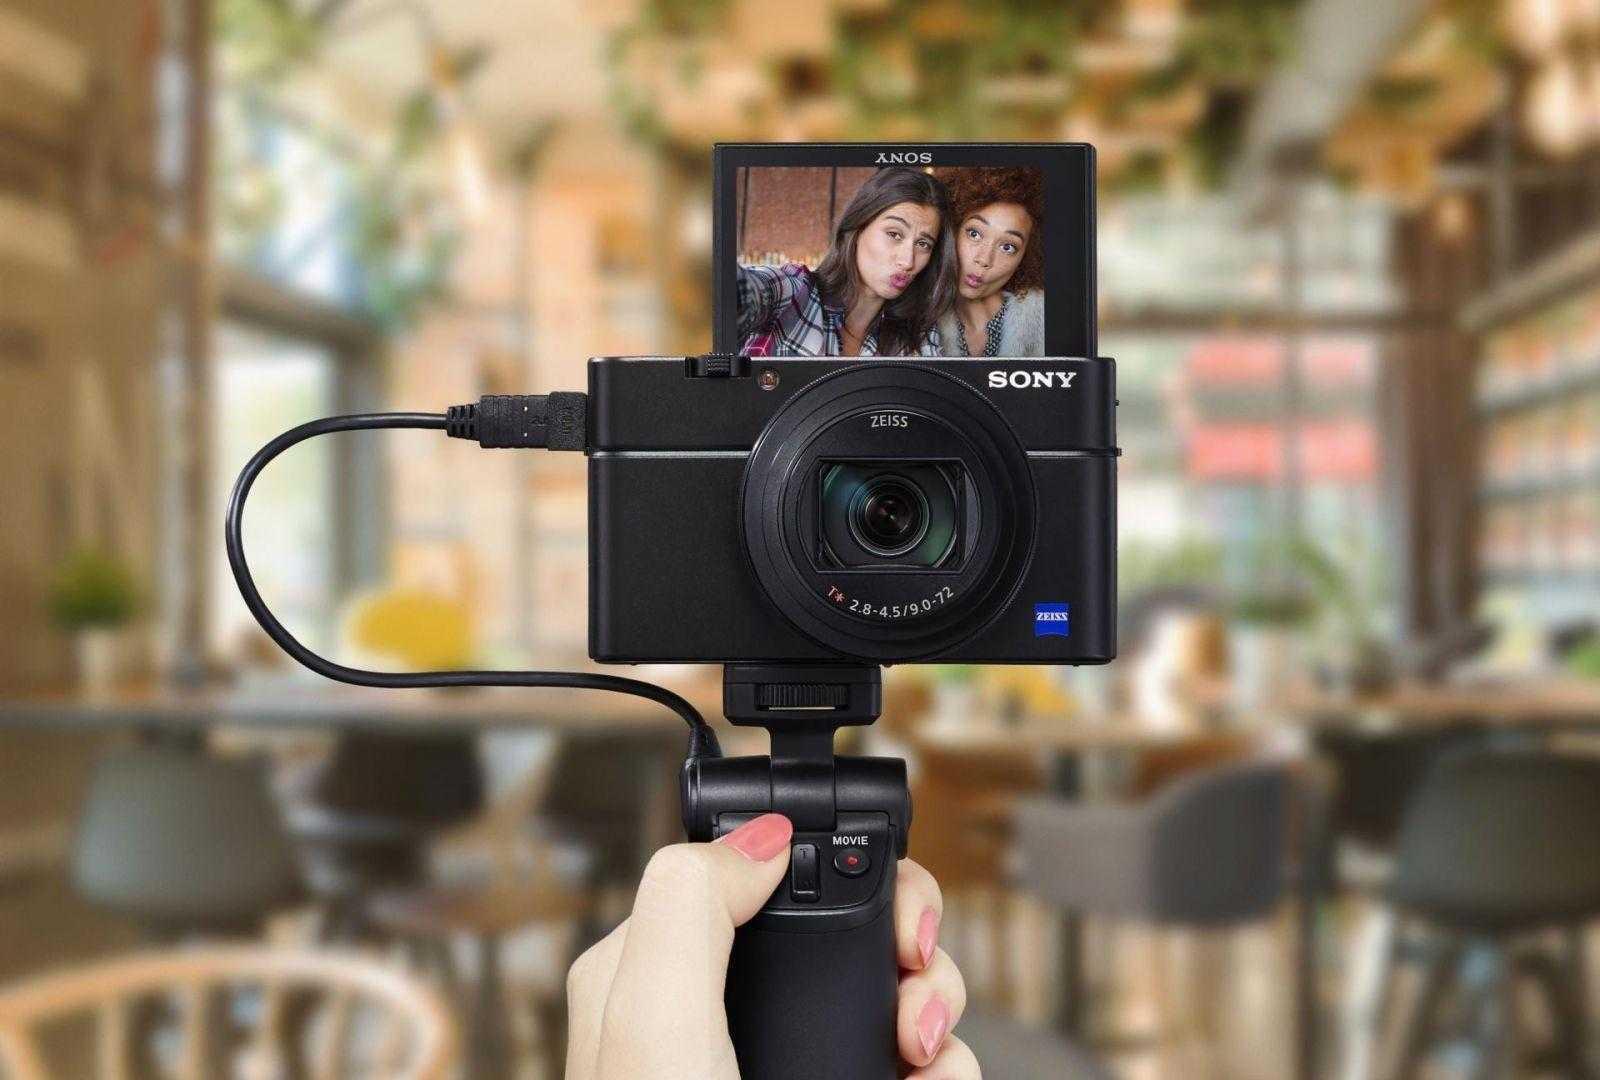 Sony выпустила камеру Cyber-shot RX100 VI в России (RX100M6 graphic)